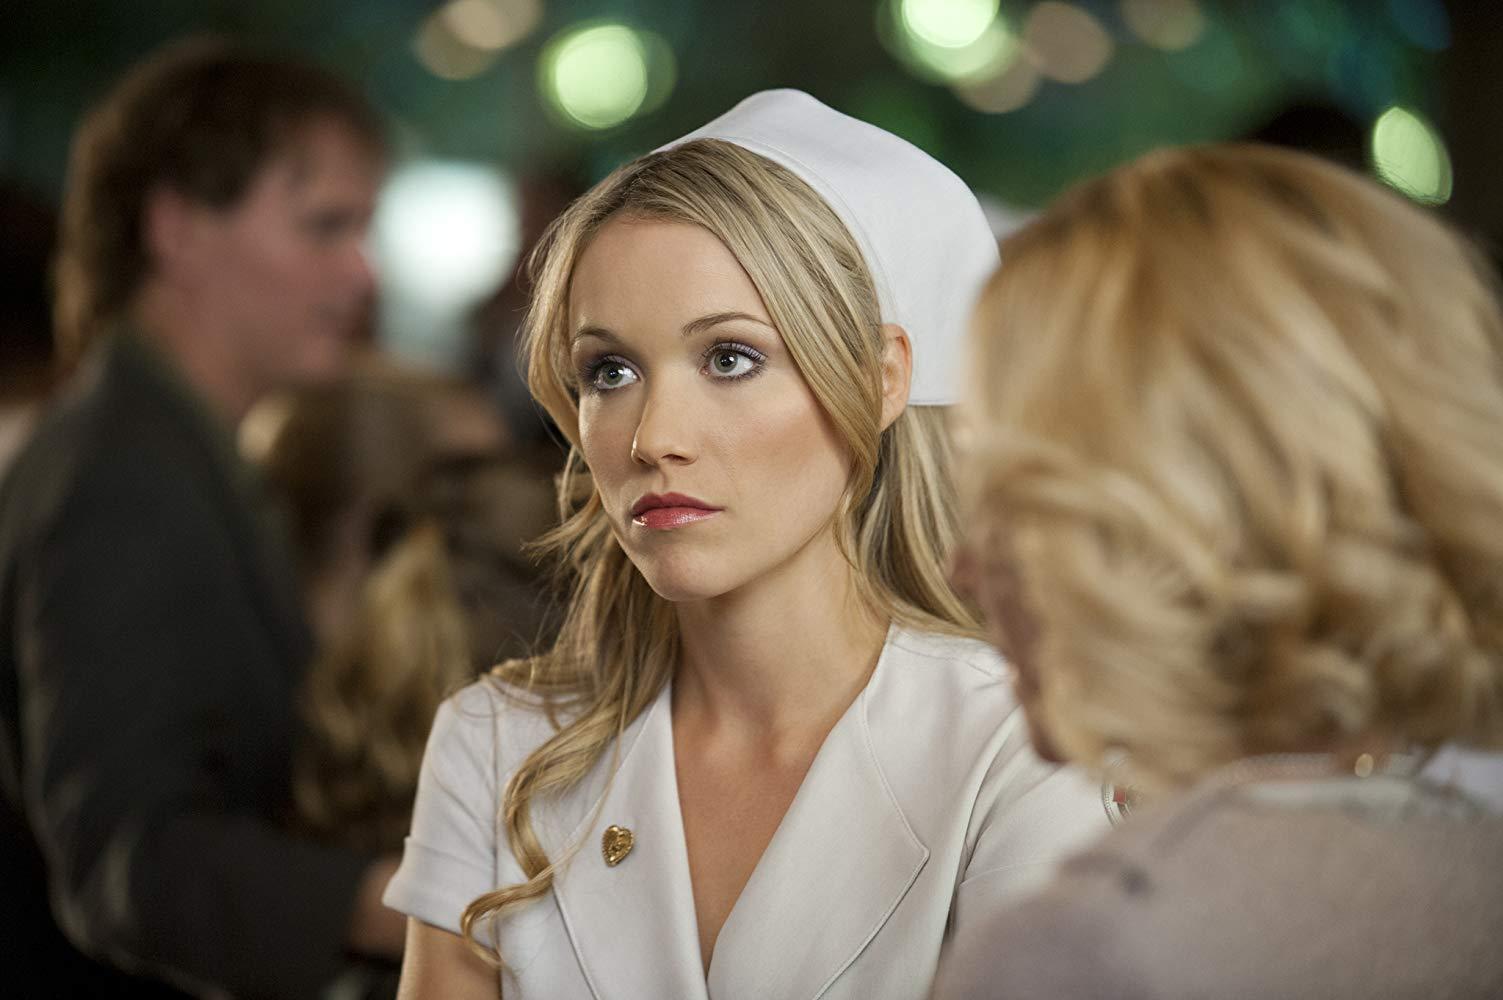 مشاهدة فيلم Nurse 3D 2013 HD مترجم كامل اون لاين (للكبار فقط)